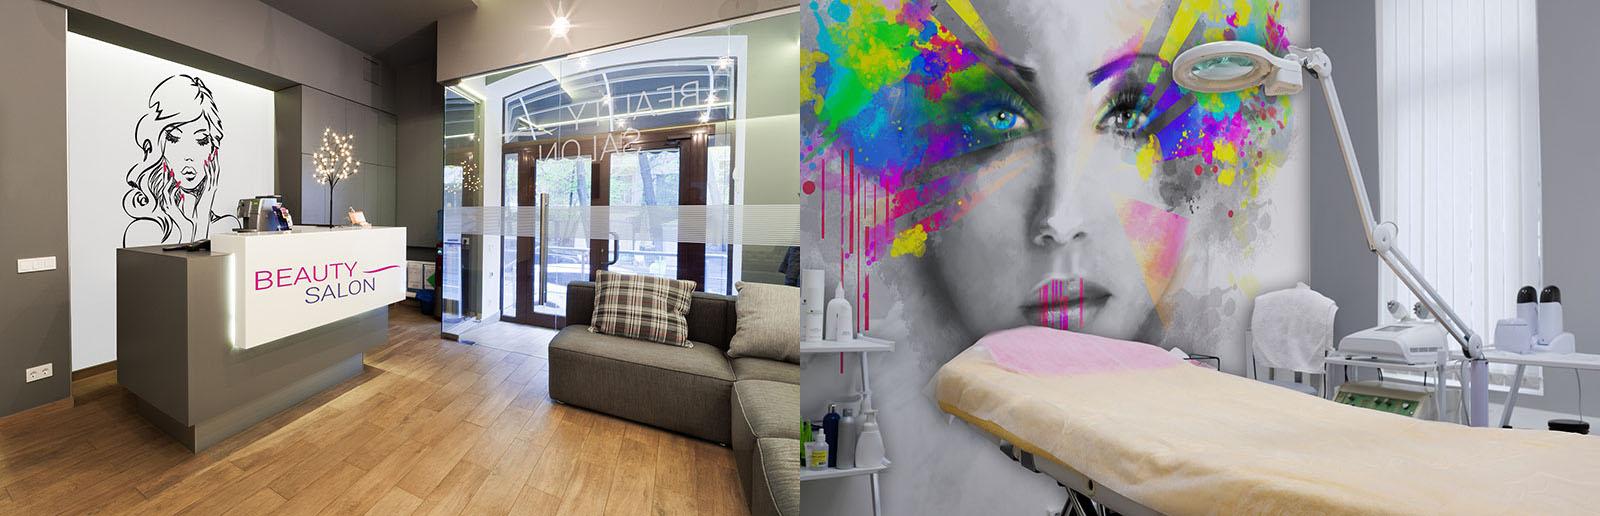 Salon kosmetyczny - fototapeta z kobiecym motywem